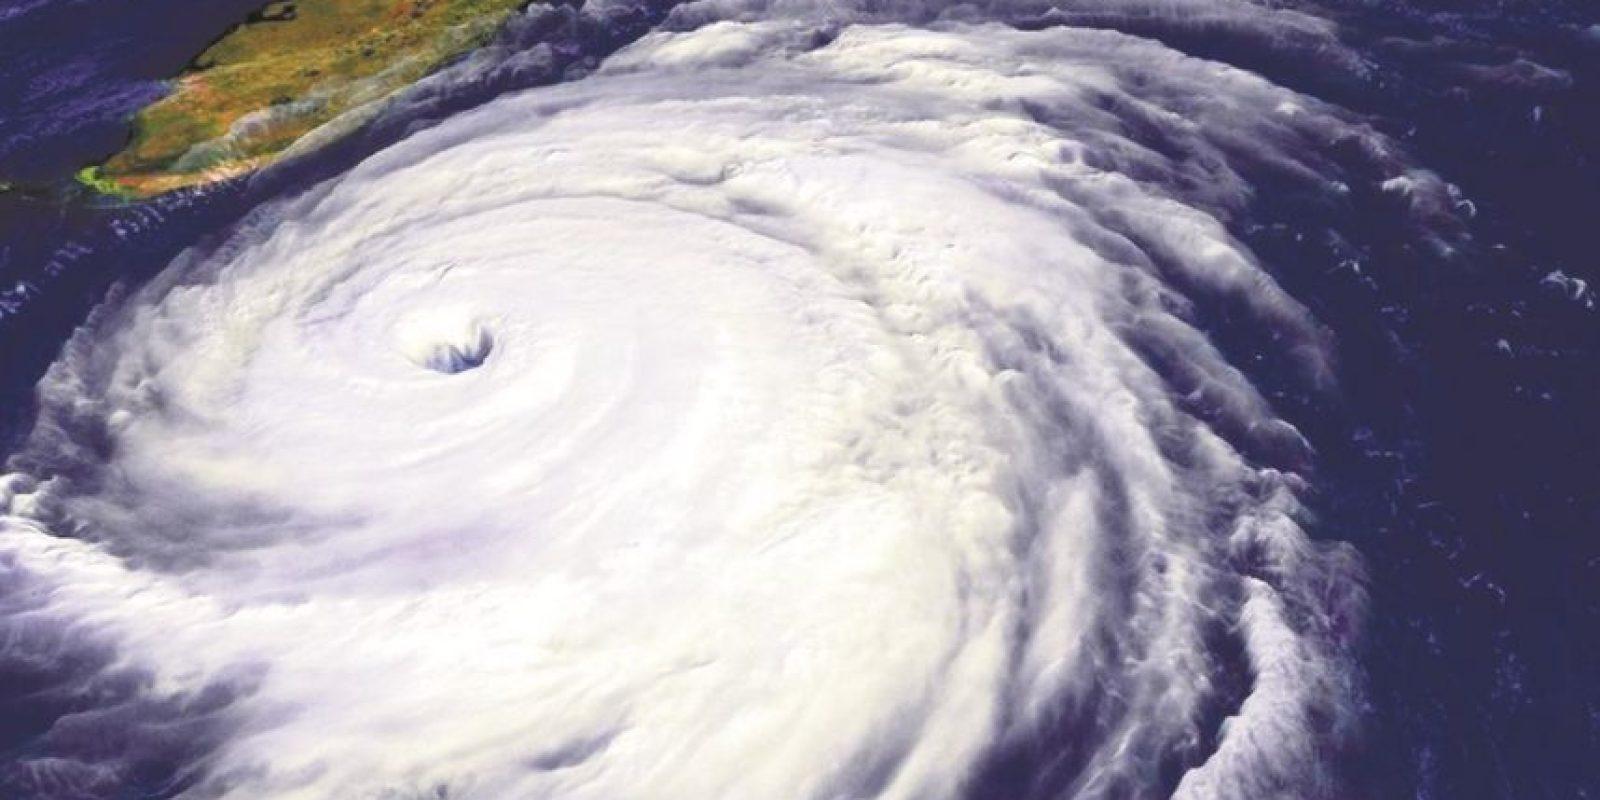 En tiempo de tormentas manténgase debidamente informado. Sea precavido. Foto:Fuente externa